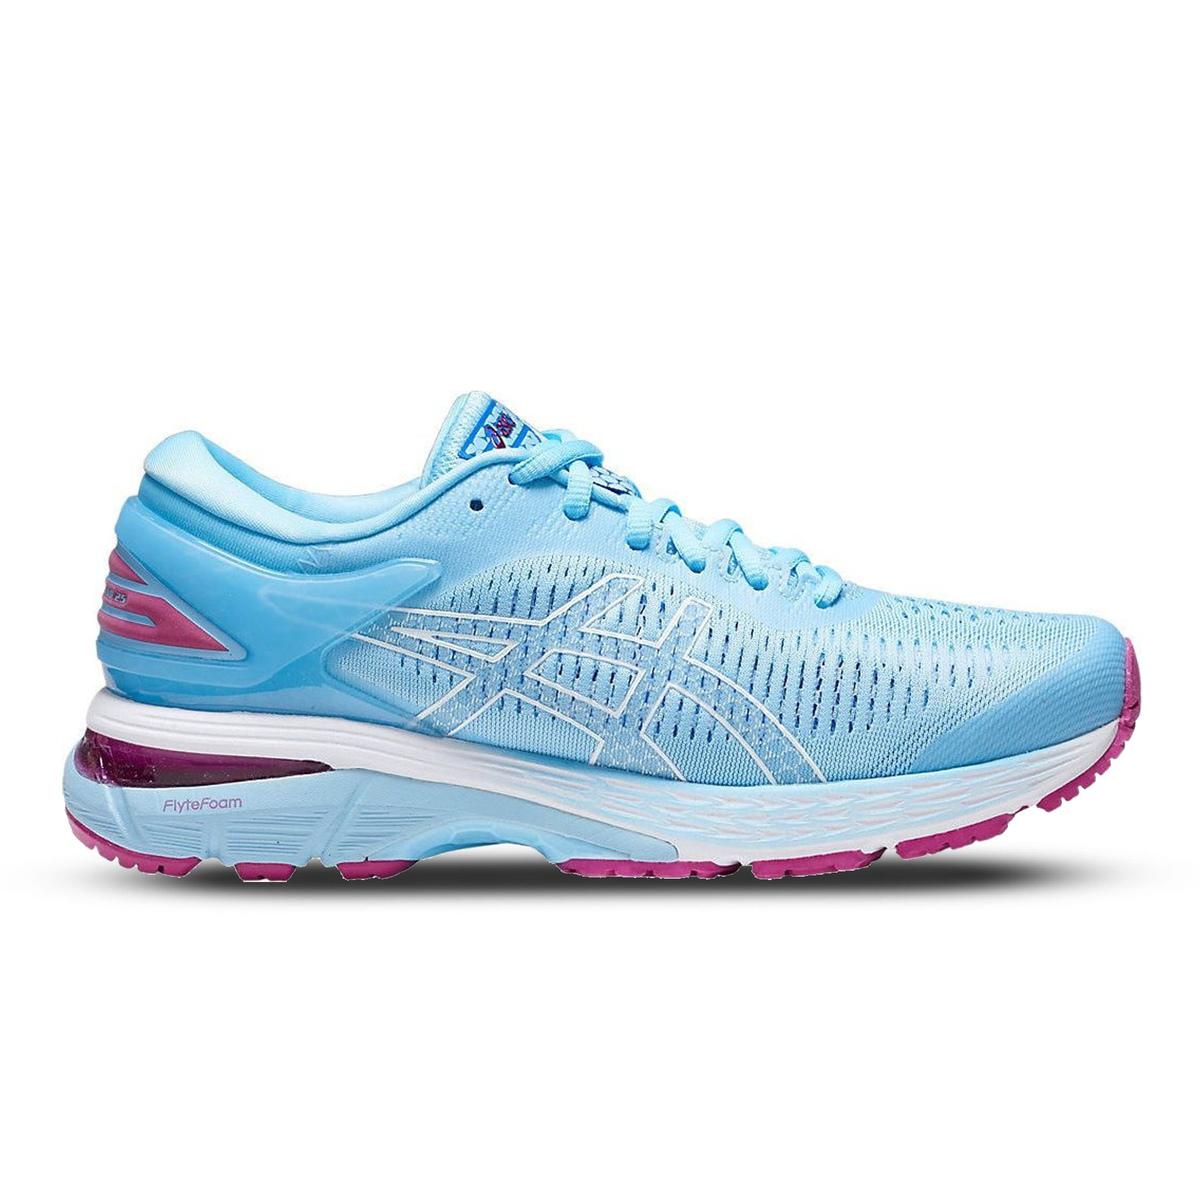 GEL Kayano 25 NYC W scarpe running stabili donna